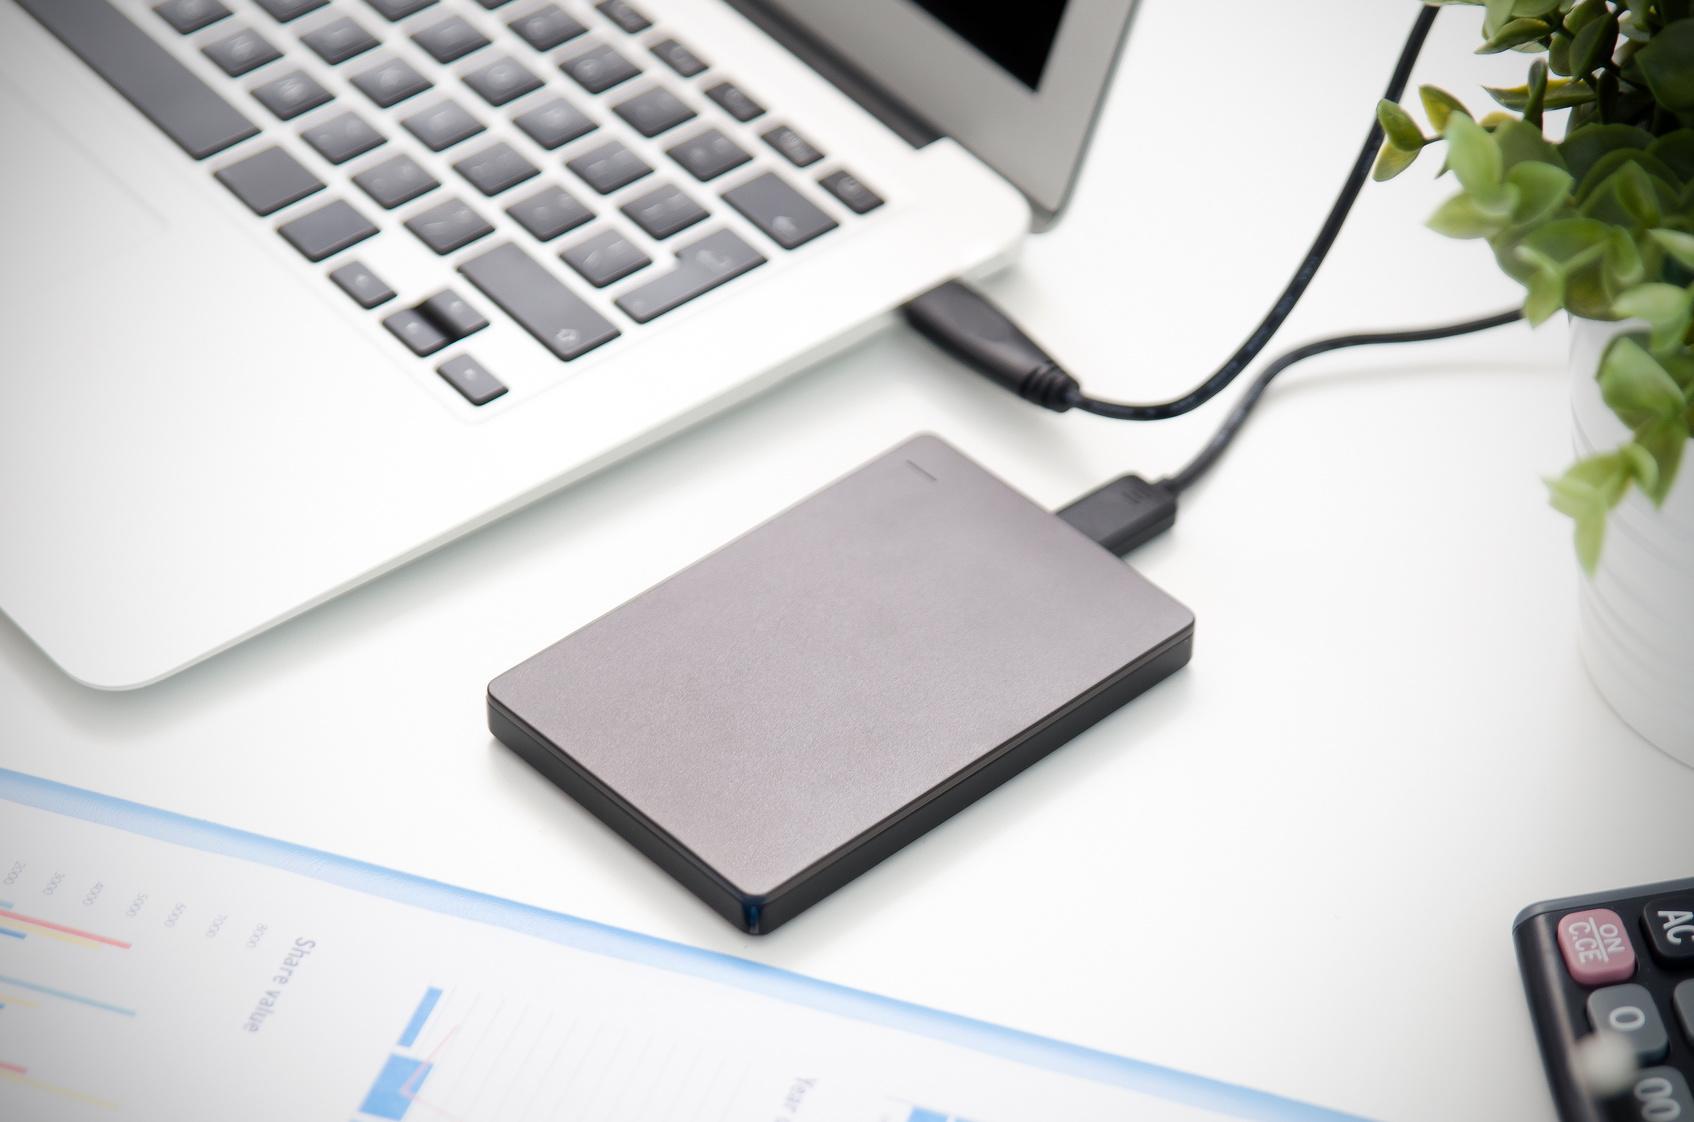 Daha İyi Dizüstü Bilgisayar Deneyimi İçin SSD Kullanımı